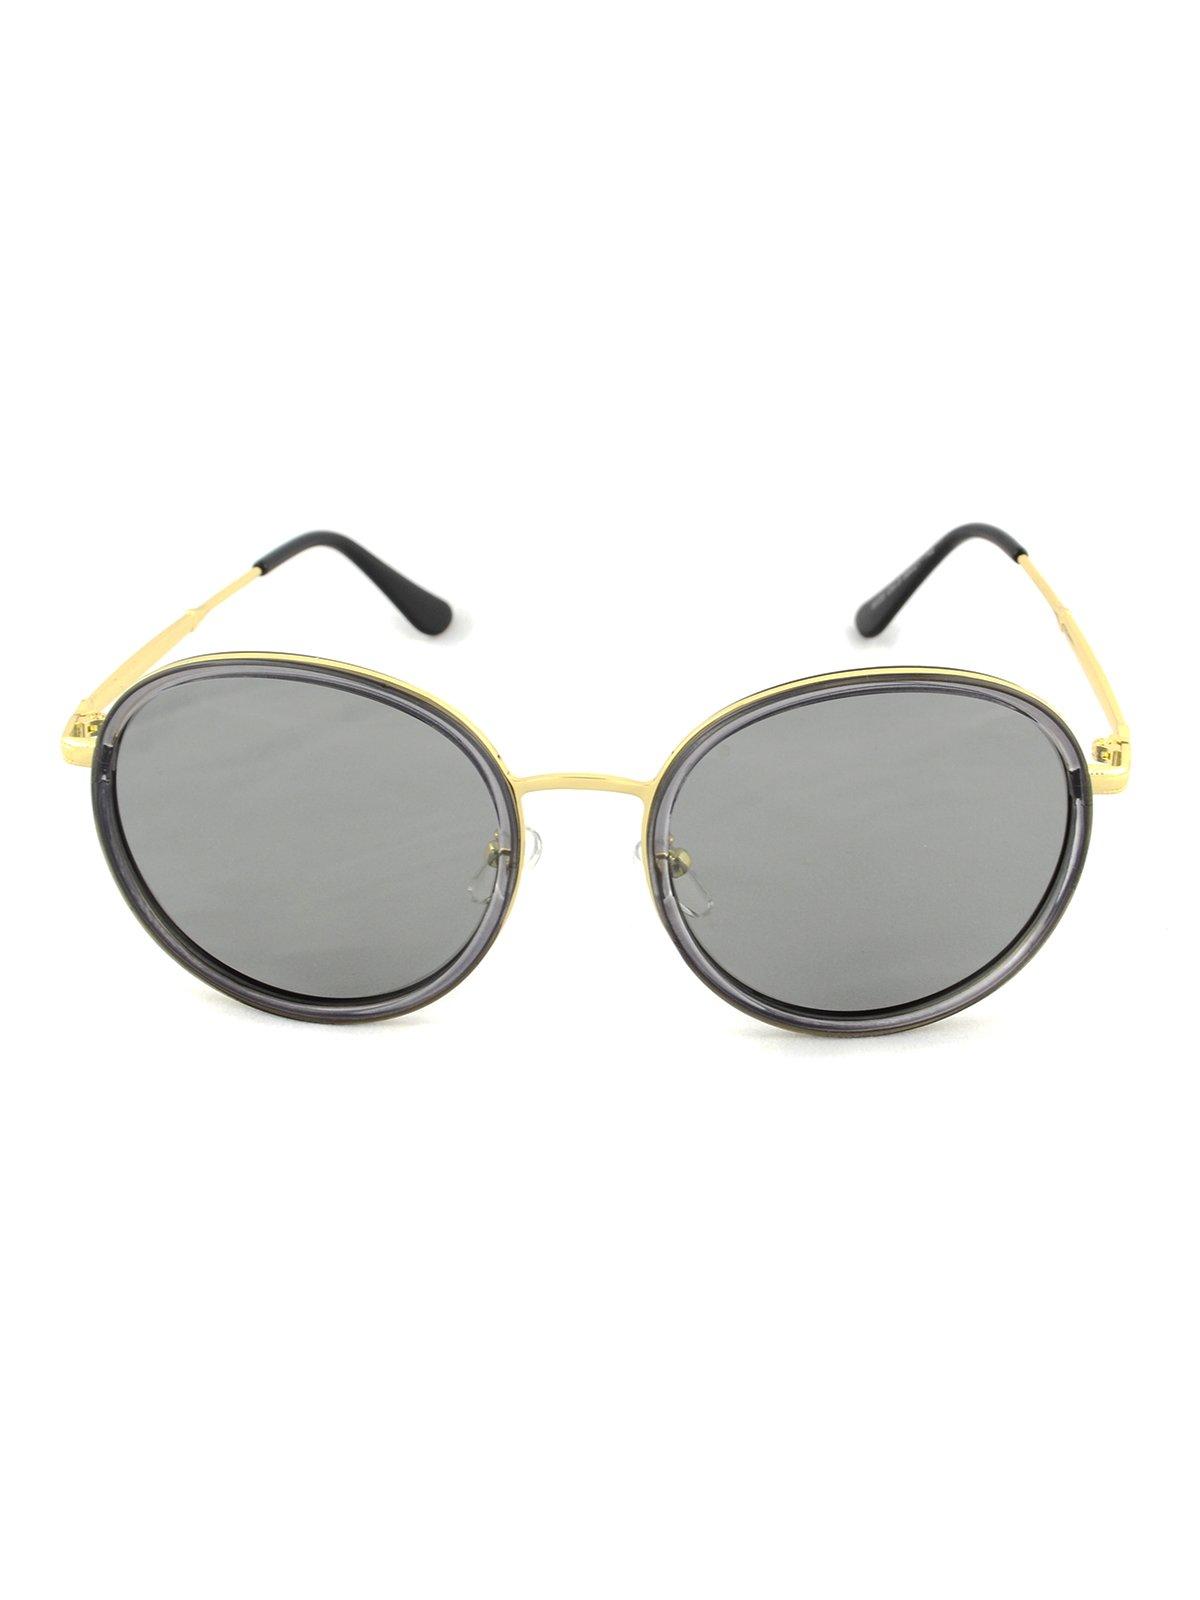 Очки солнцезащитные | 4005702 | фото 2